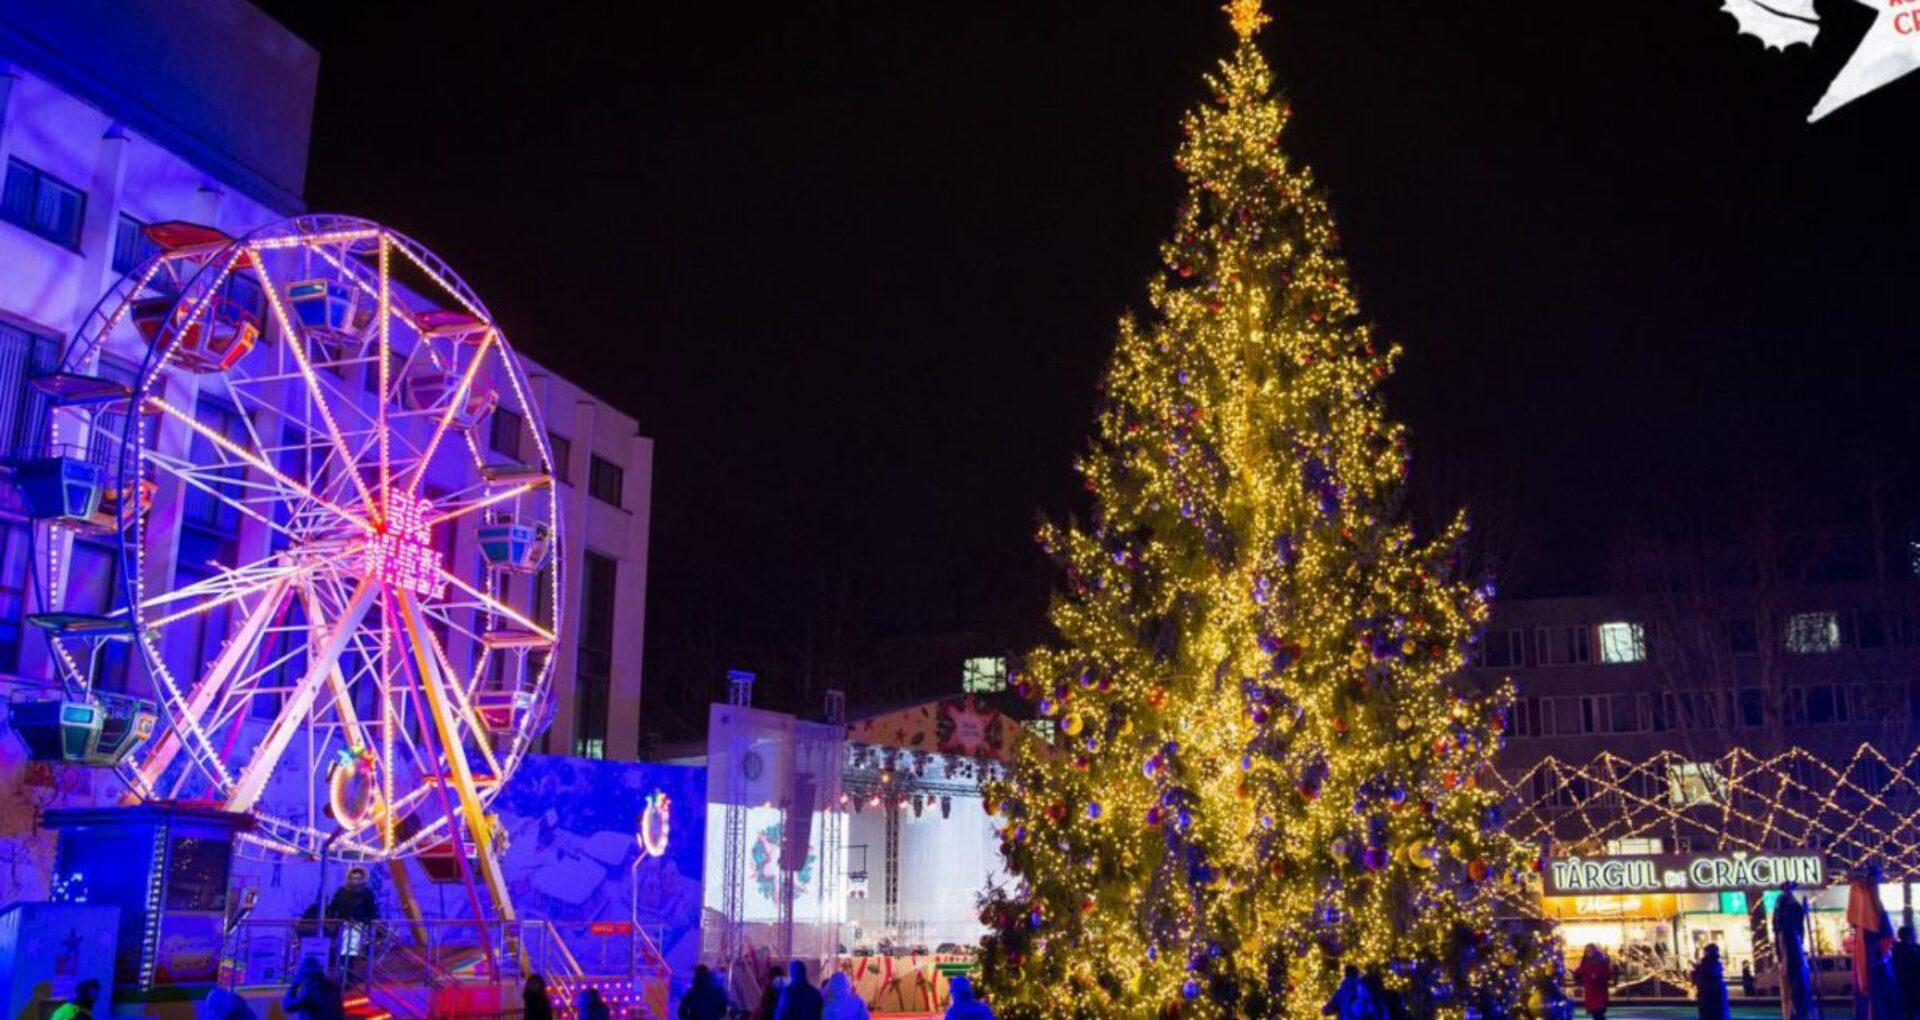 În centrul Chișinăului va fi amenajat Pomul de Crăciun. Târguri și iarmaroace nu vor fi